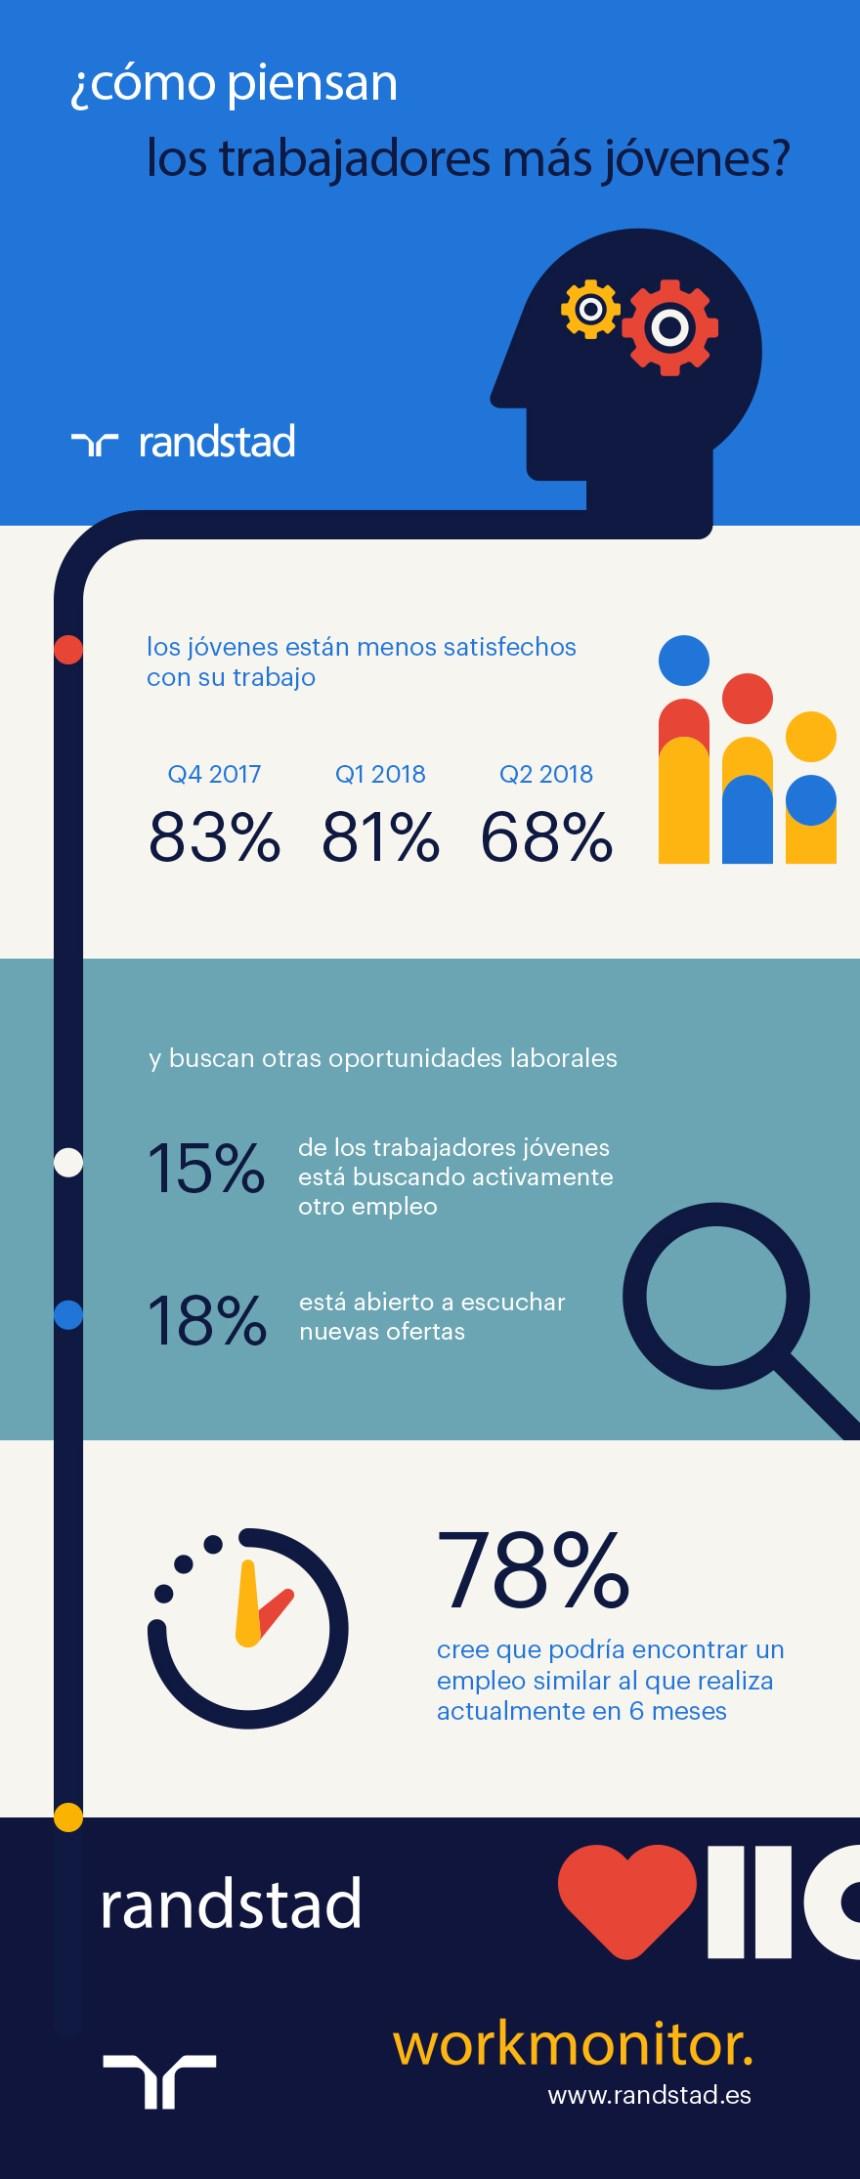 Cómo piensan los trabajadores jóvenes #infografia #infographic #rrhh